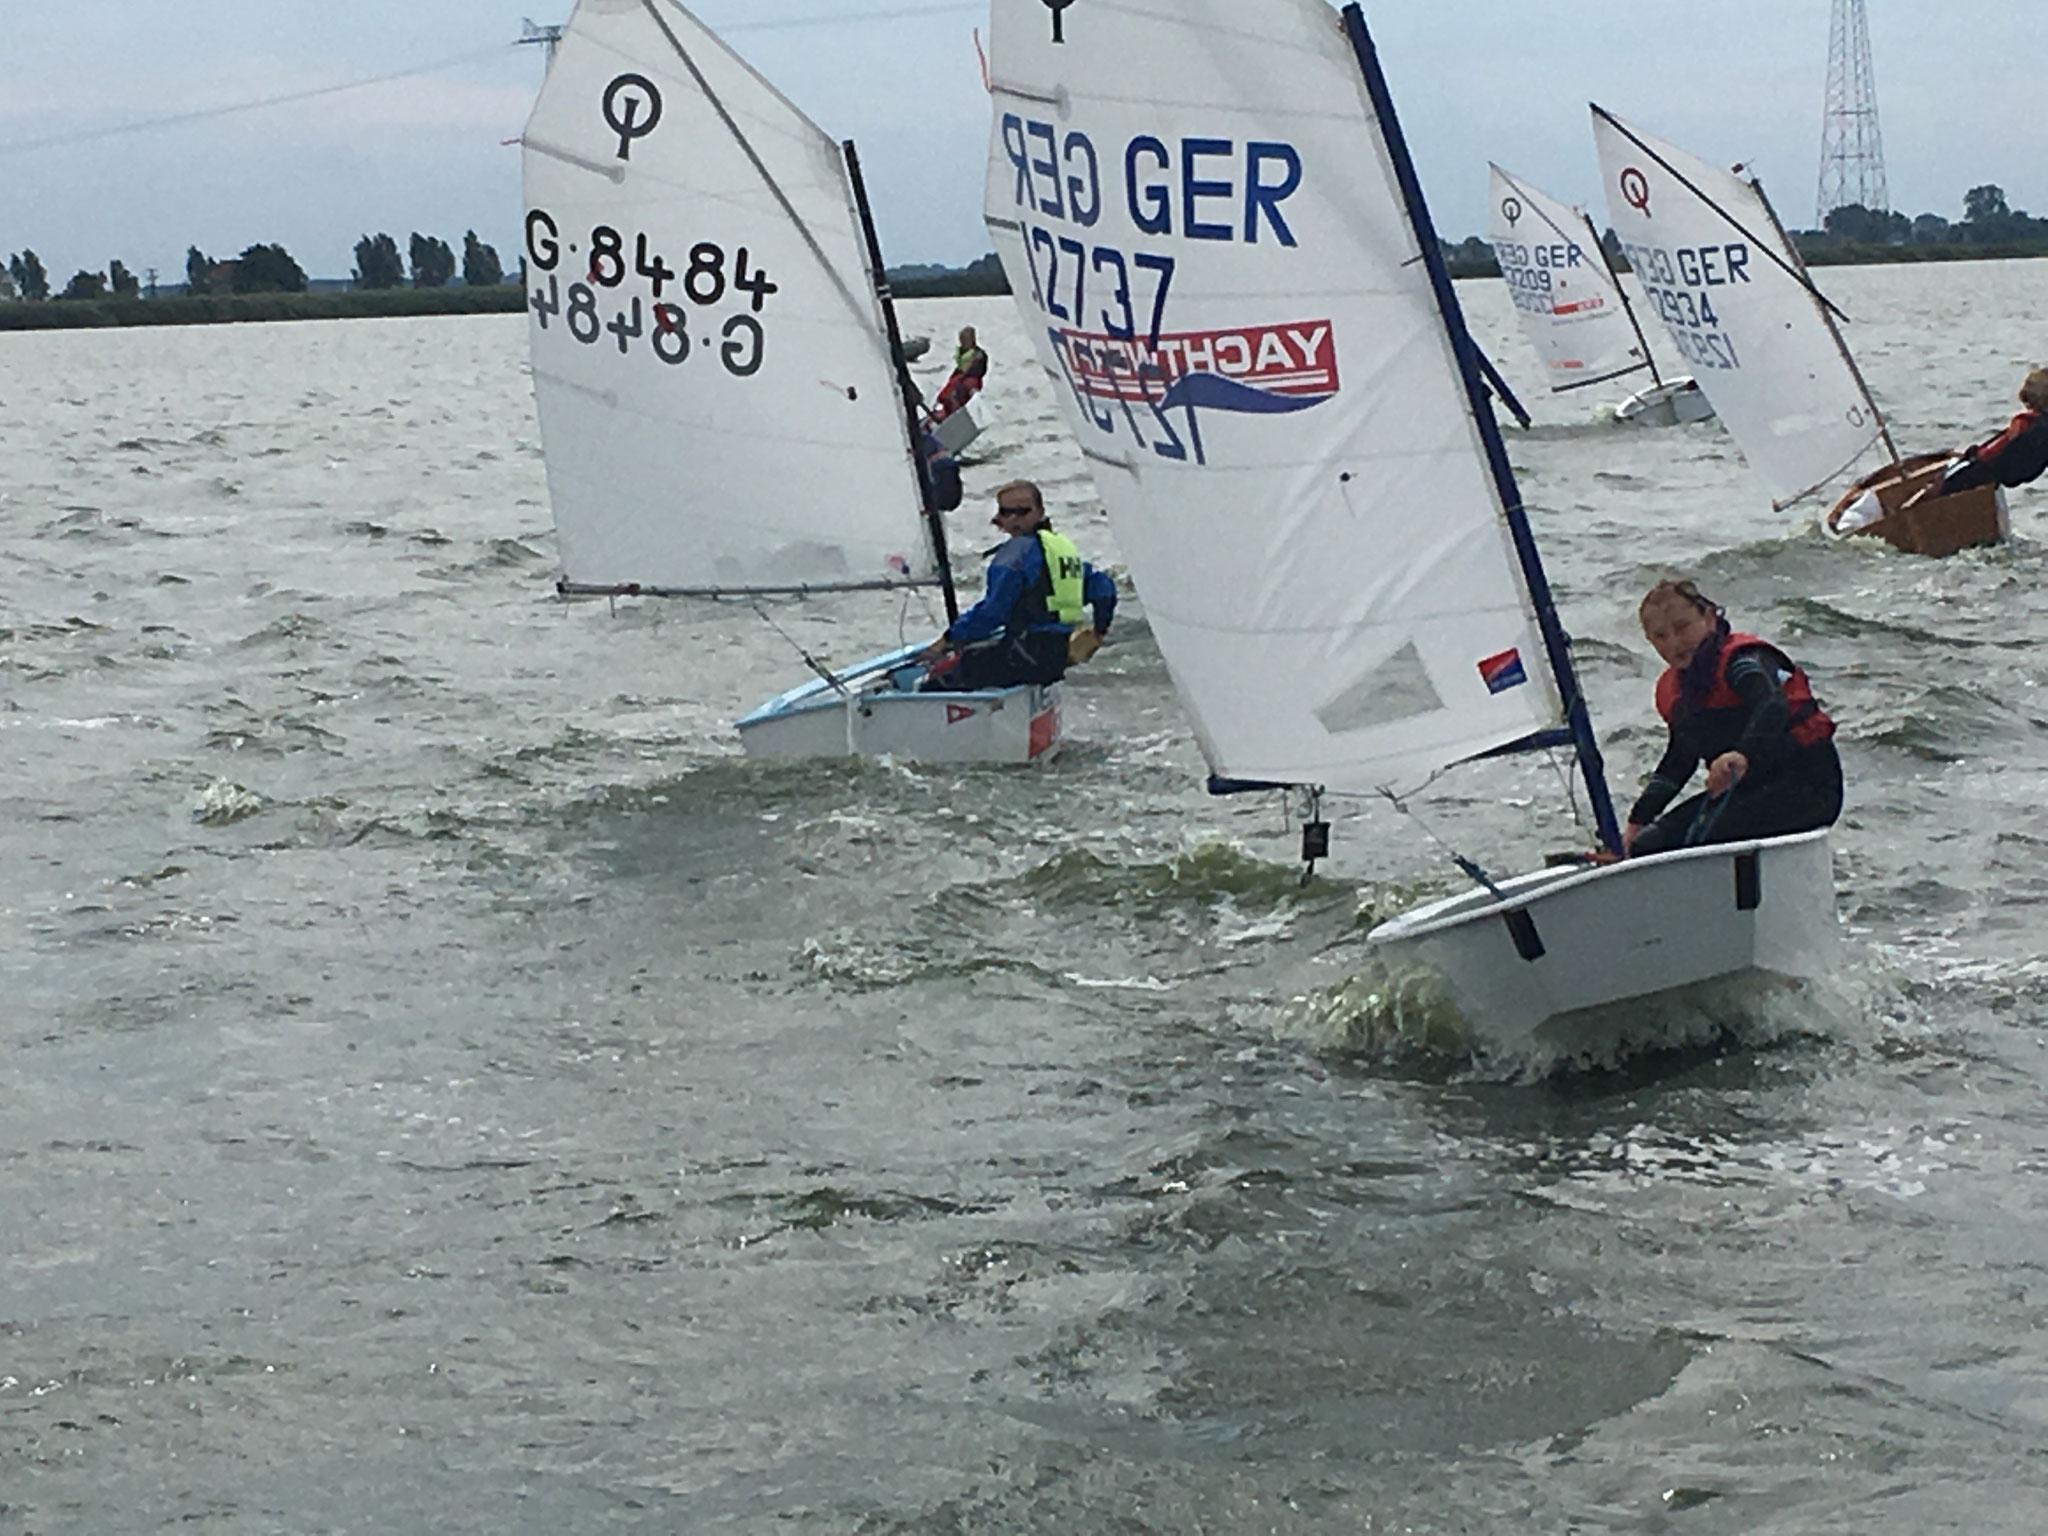 Startphase der Optimisten: Corali Csisko (Vordergrund) segelte in der Gesamtwertung auf Platz 3